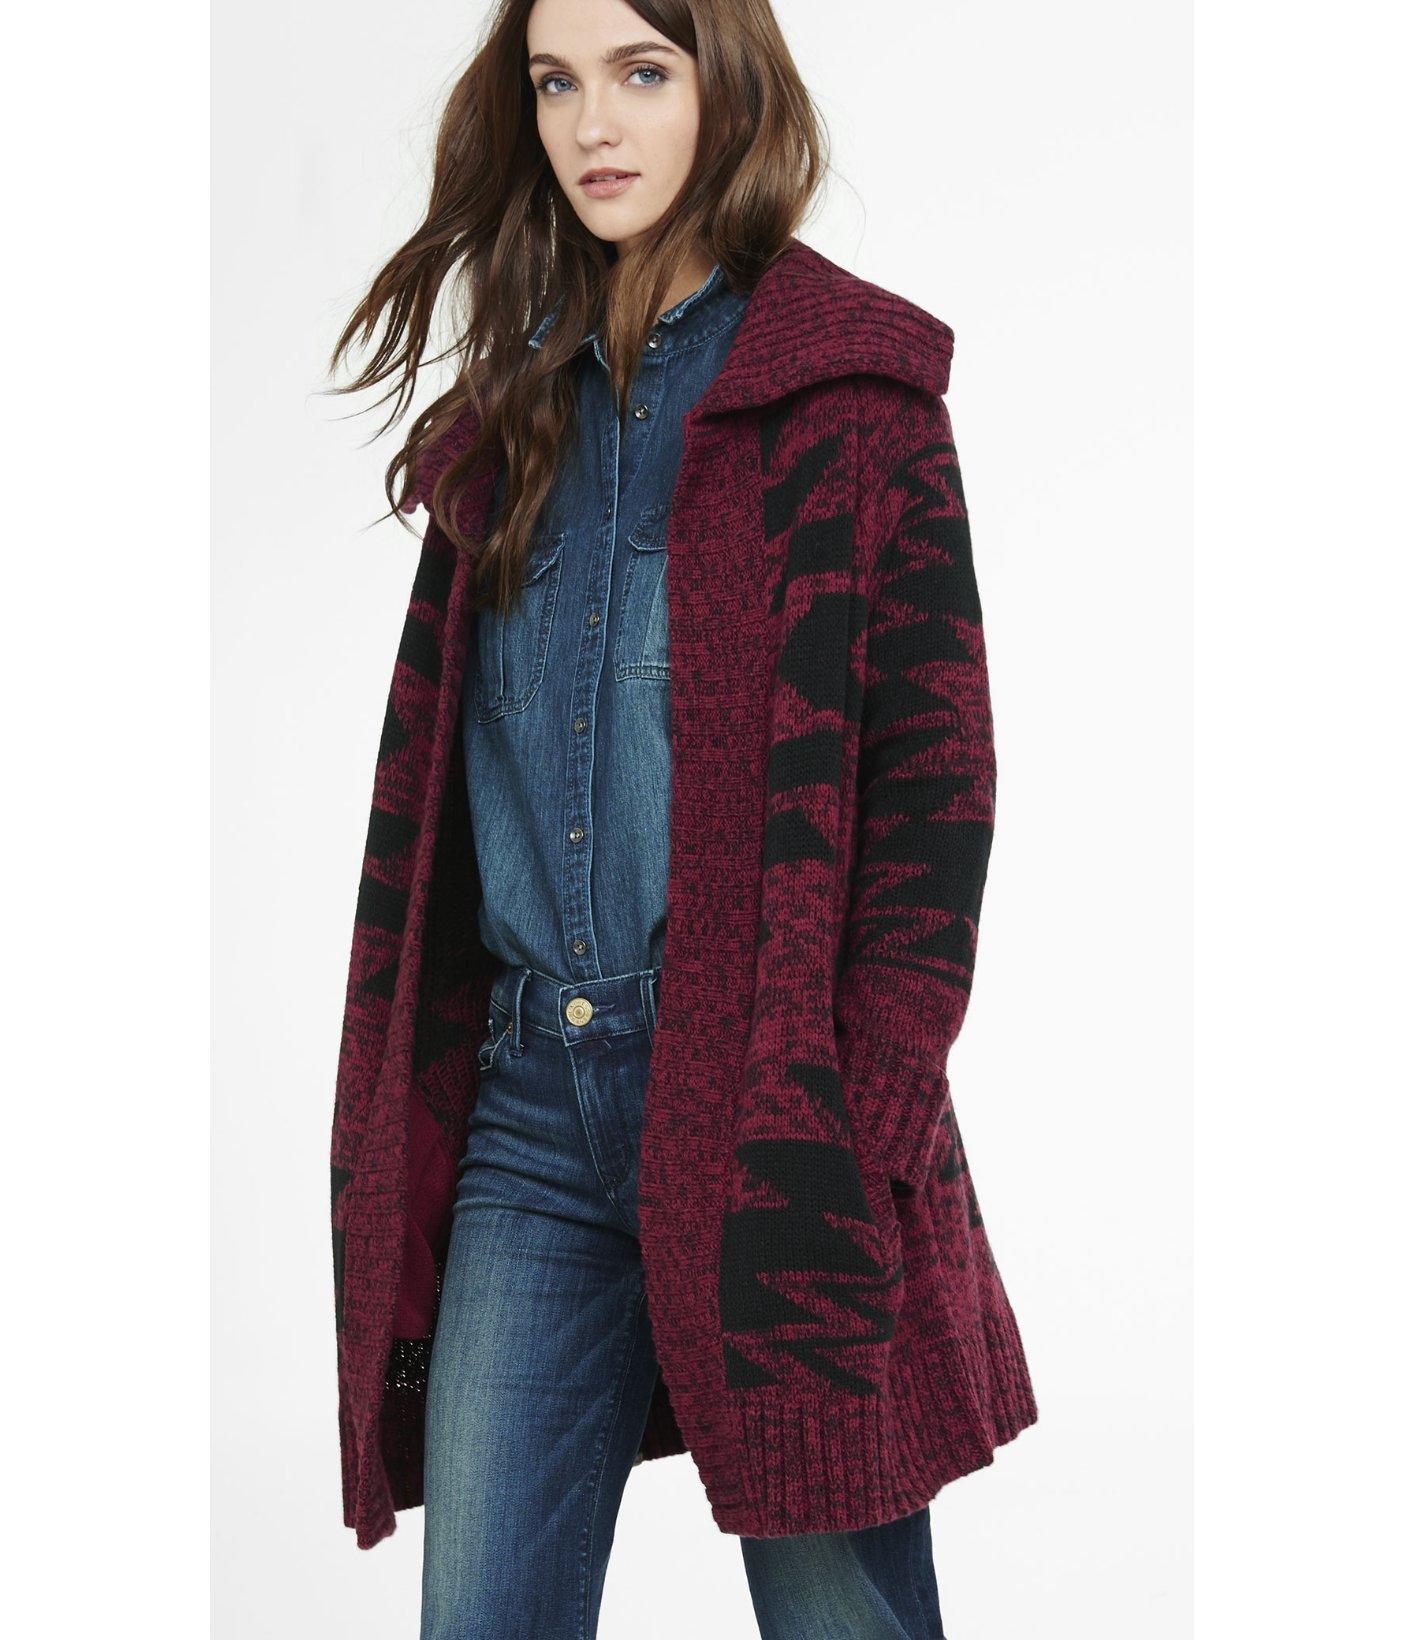 Southwestern Sweater Coat Coat Clothing